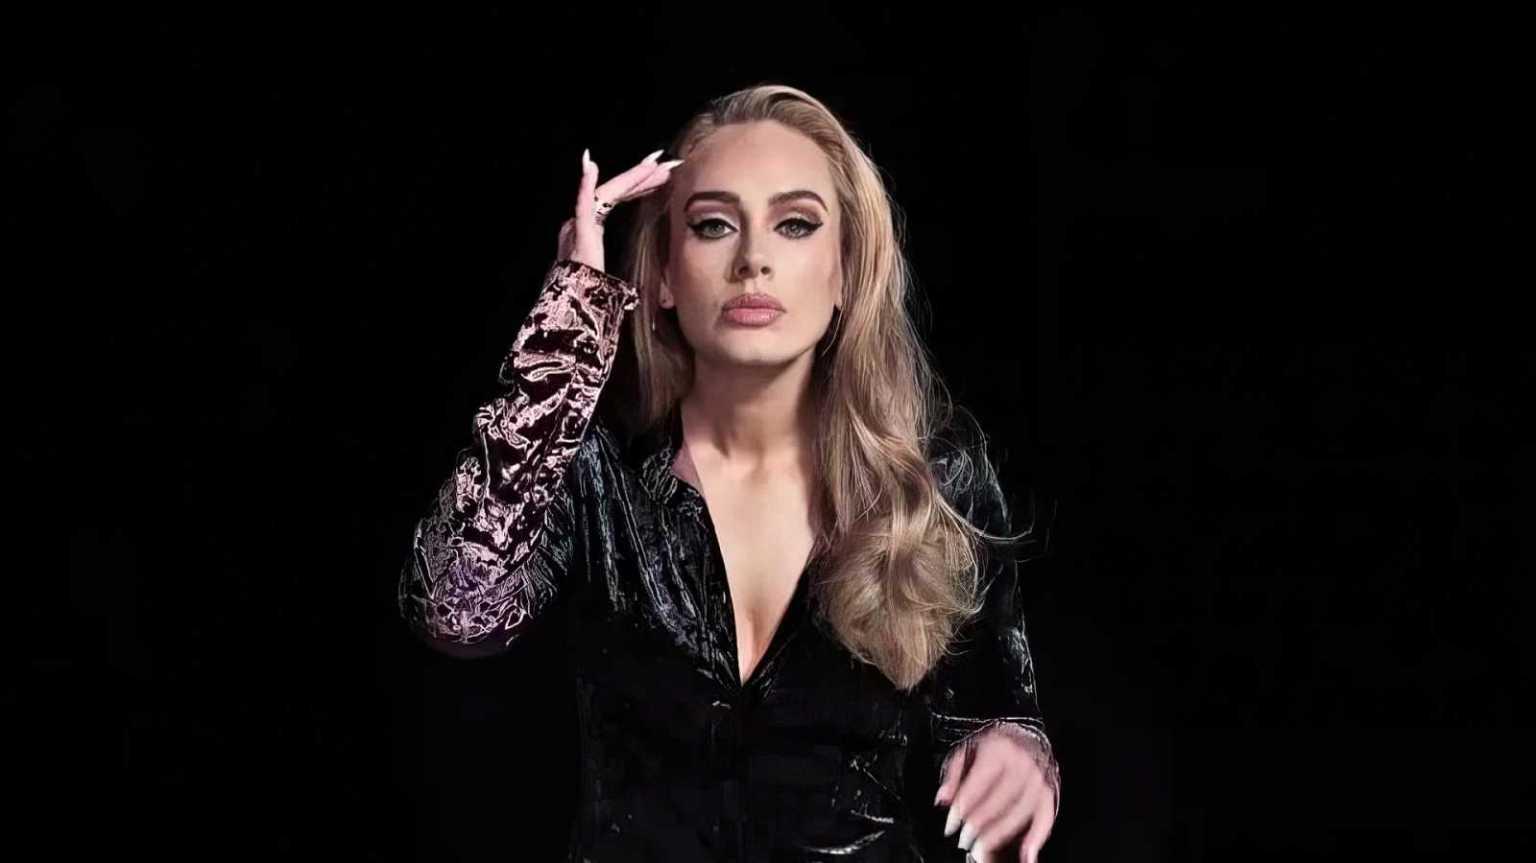 ¡Adele confirma su relación con Paul Rich en sus redes sociales!